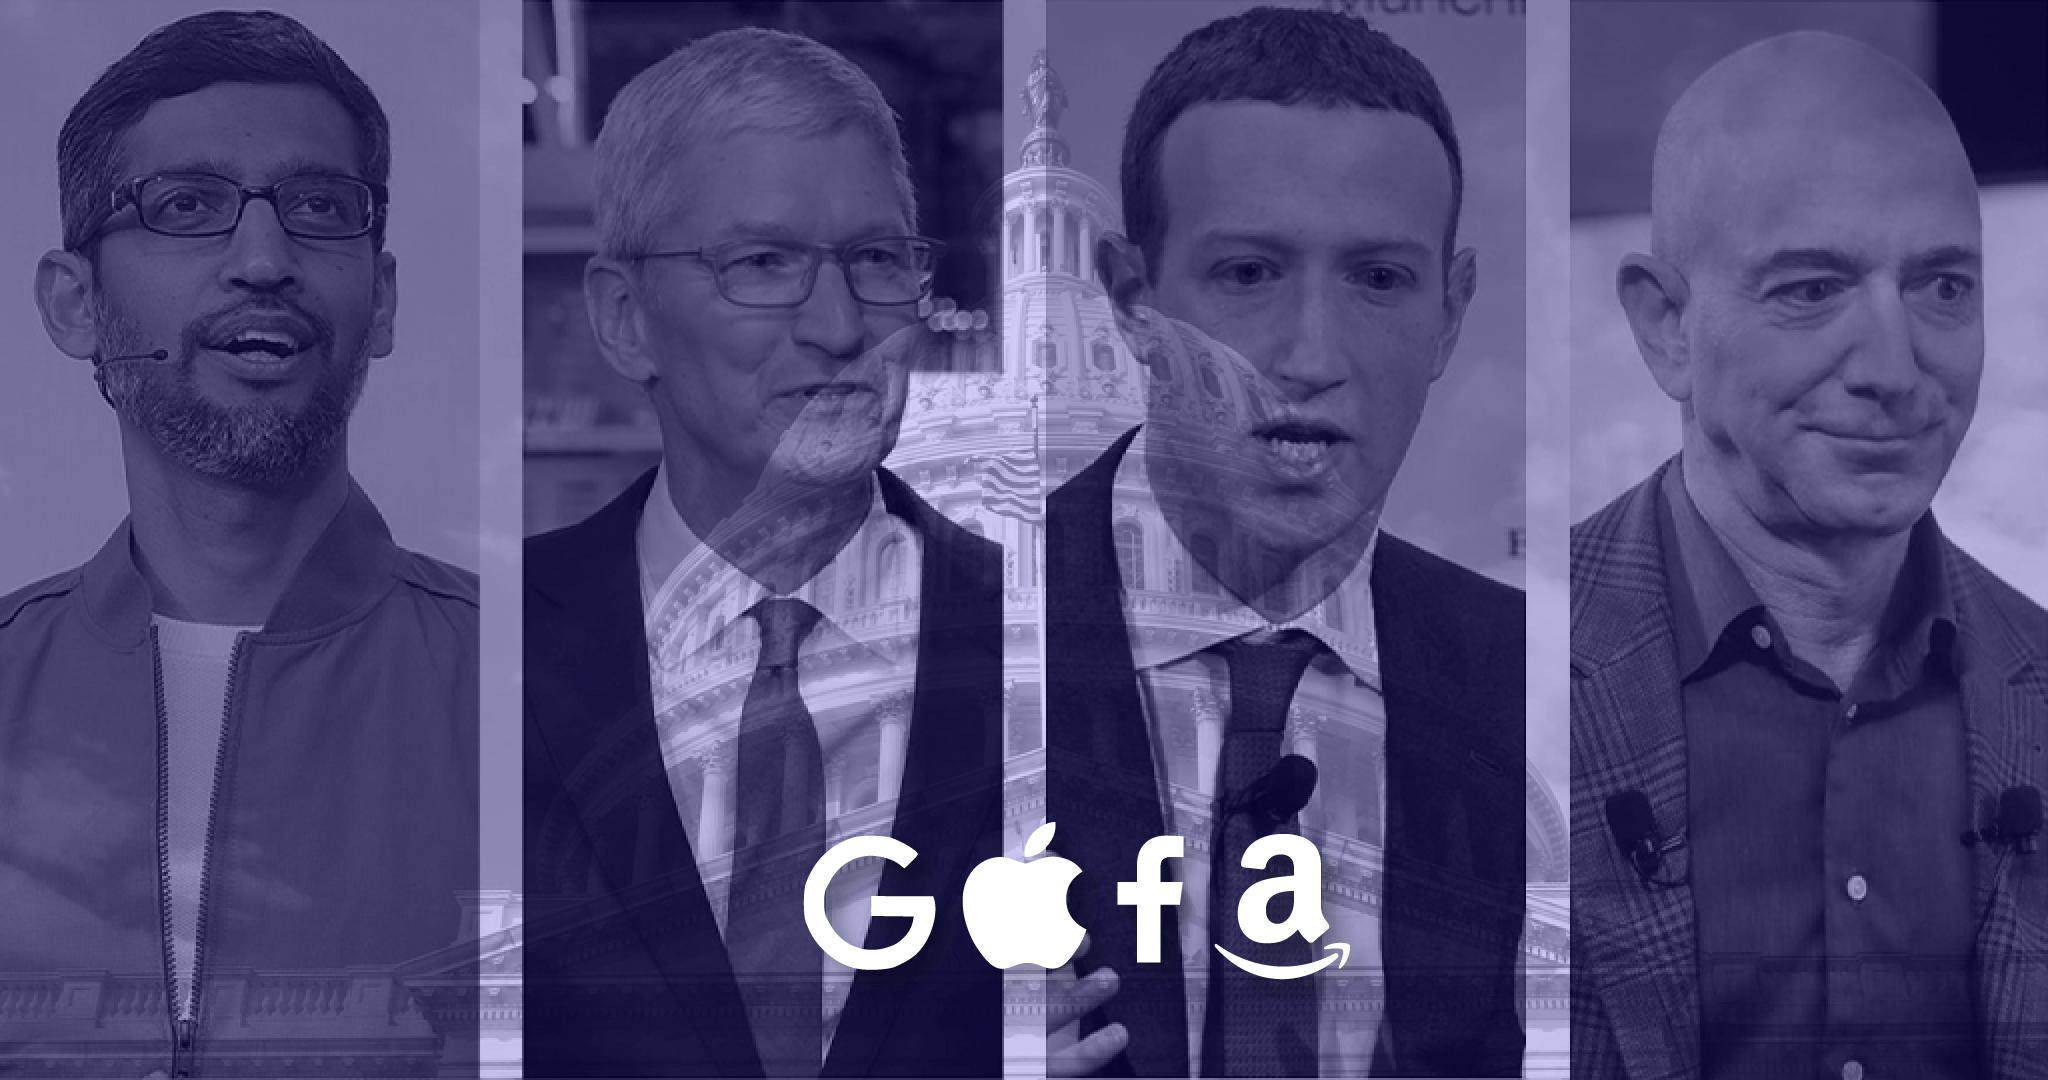 CEOs dos GAFA em audição pela comissão de inquérito do congresso norte-americano